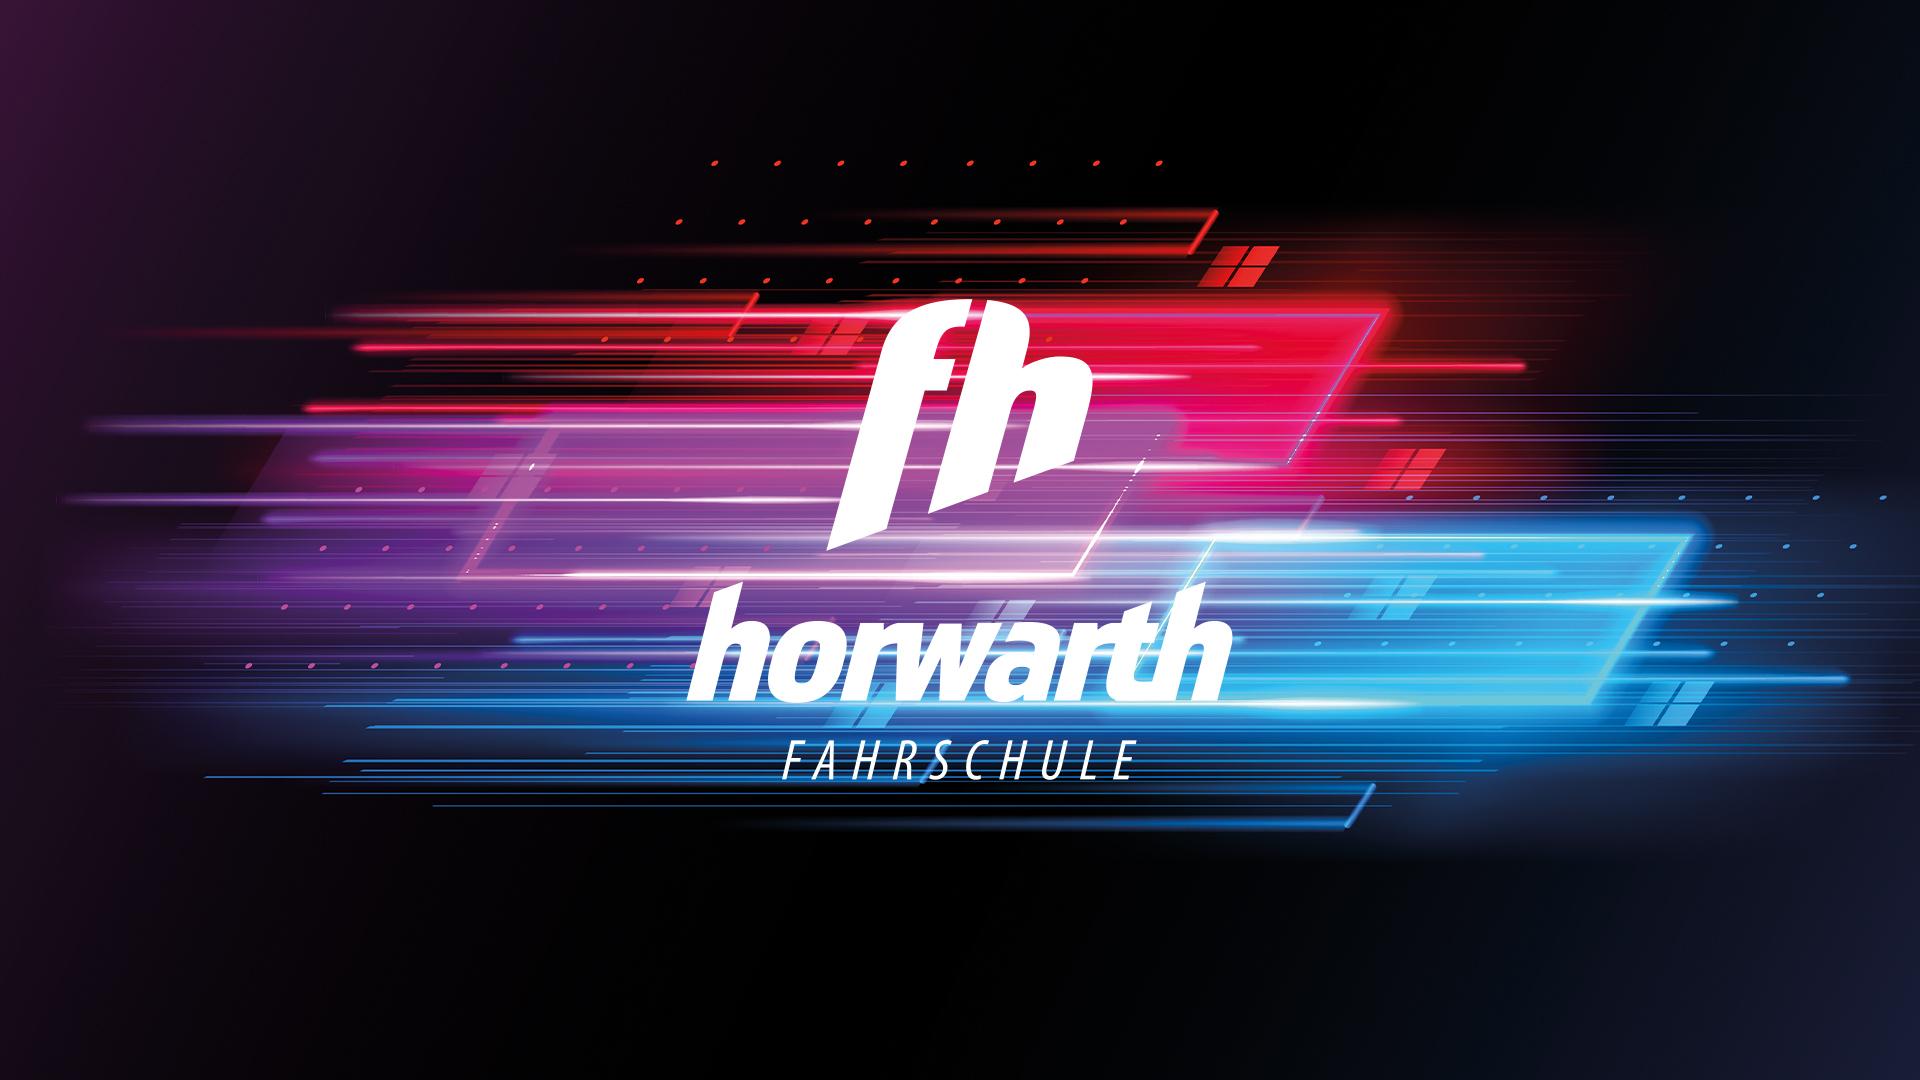 Logogestaltung Fahrschule Horwarth